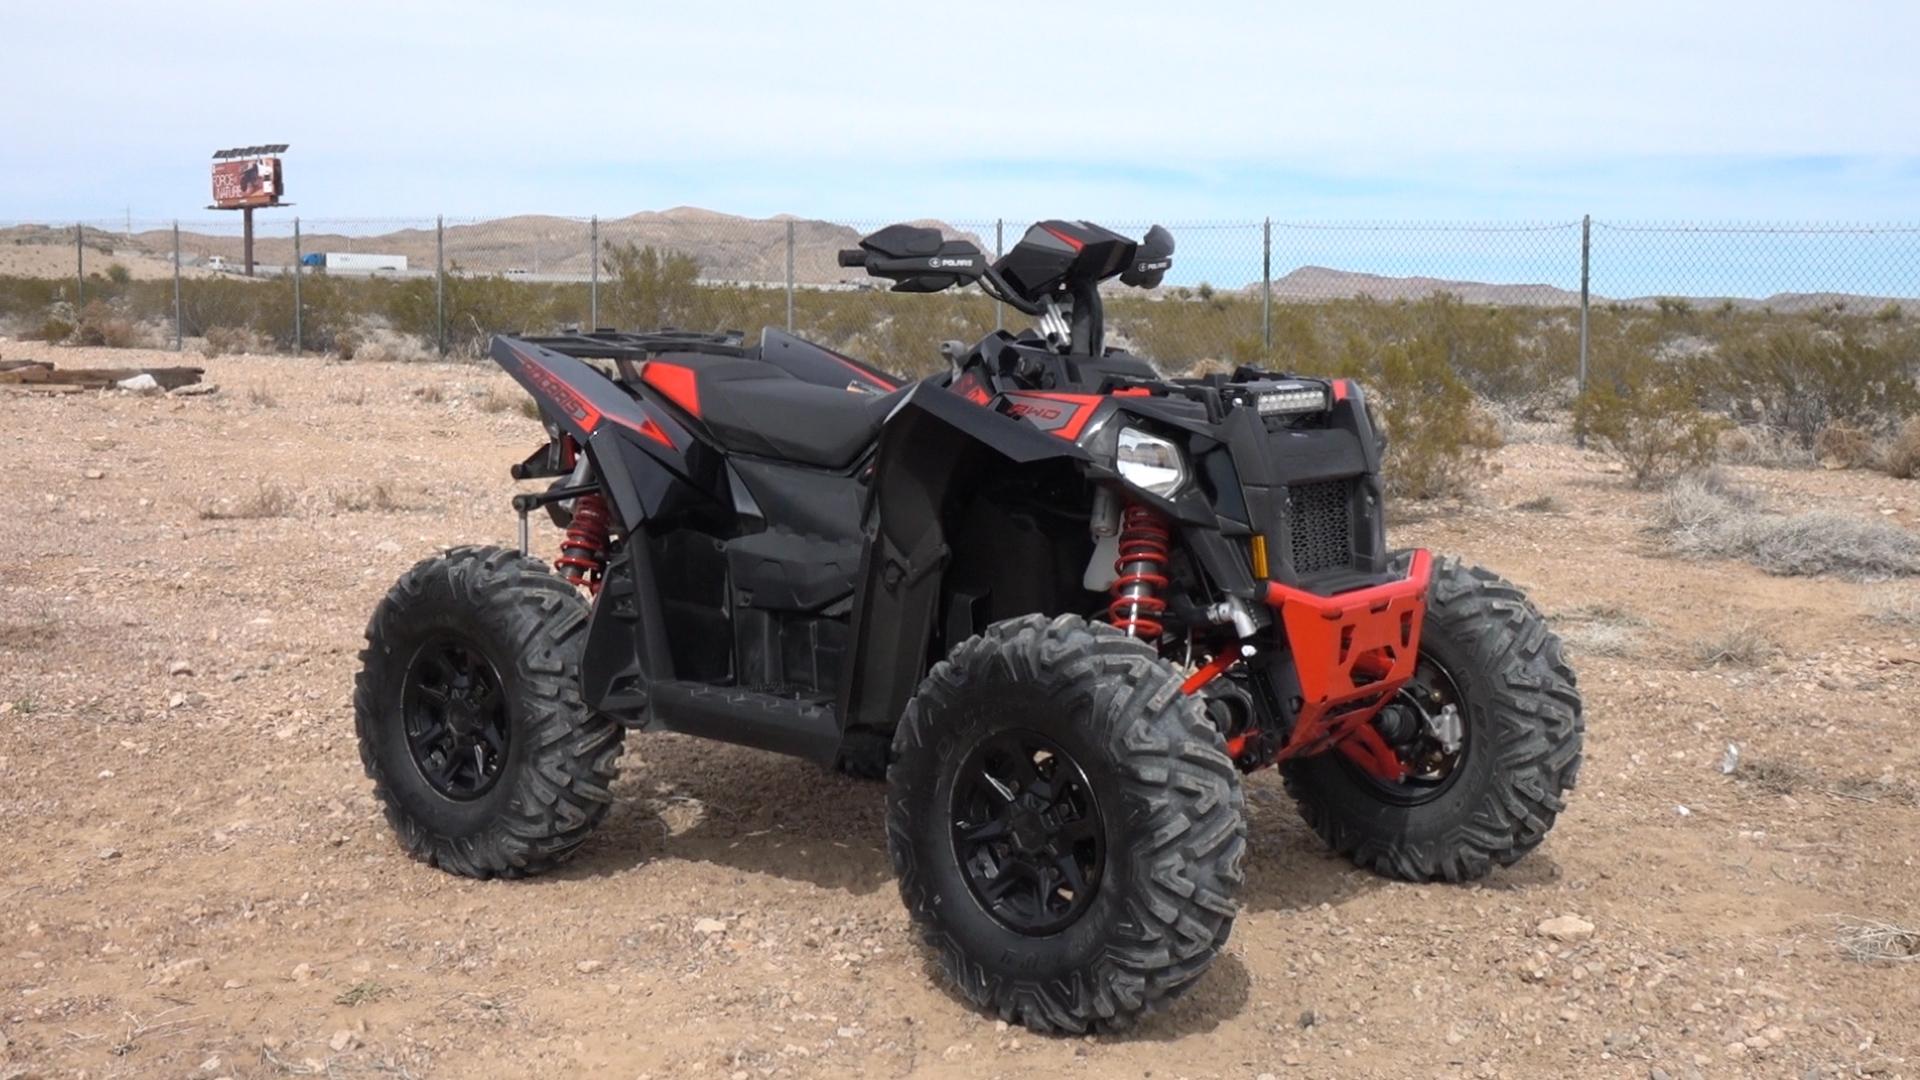 NEW POLARIS SPORTSMAN SCRAMBLER ATV A ARM CV JOINT PROTECTORS STEEL CONSTRUCTION